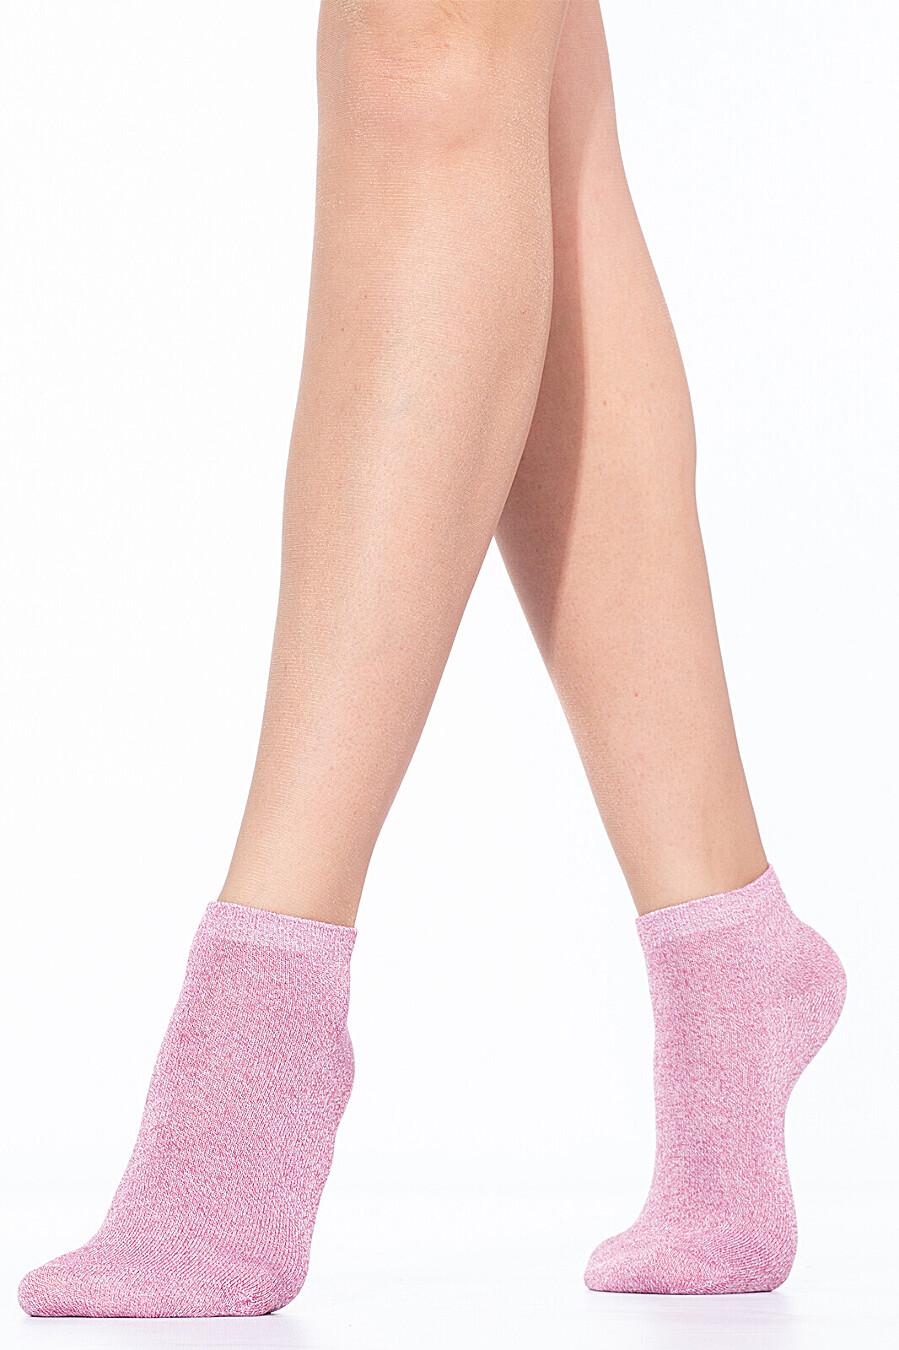 Носки для женщин MINIMI 155809 купить оптом от производителя. Совместная покупка женской одежды в OptMoyo